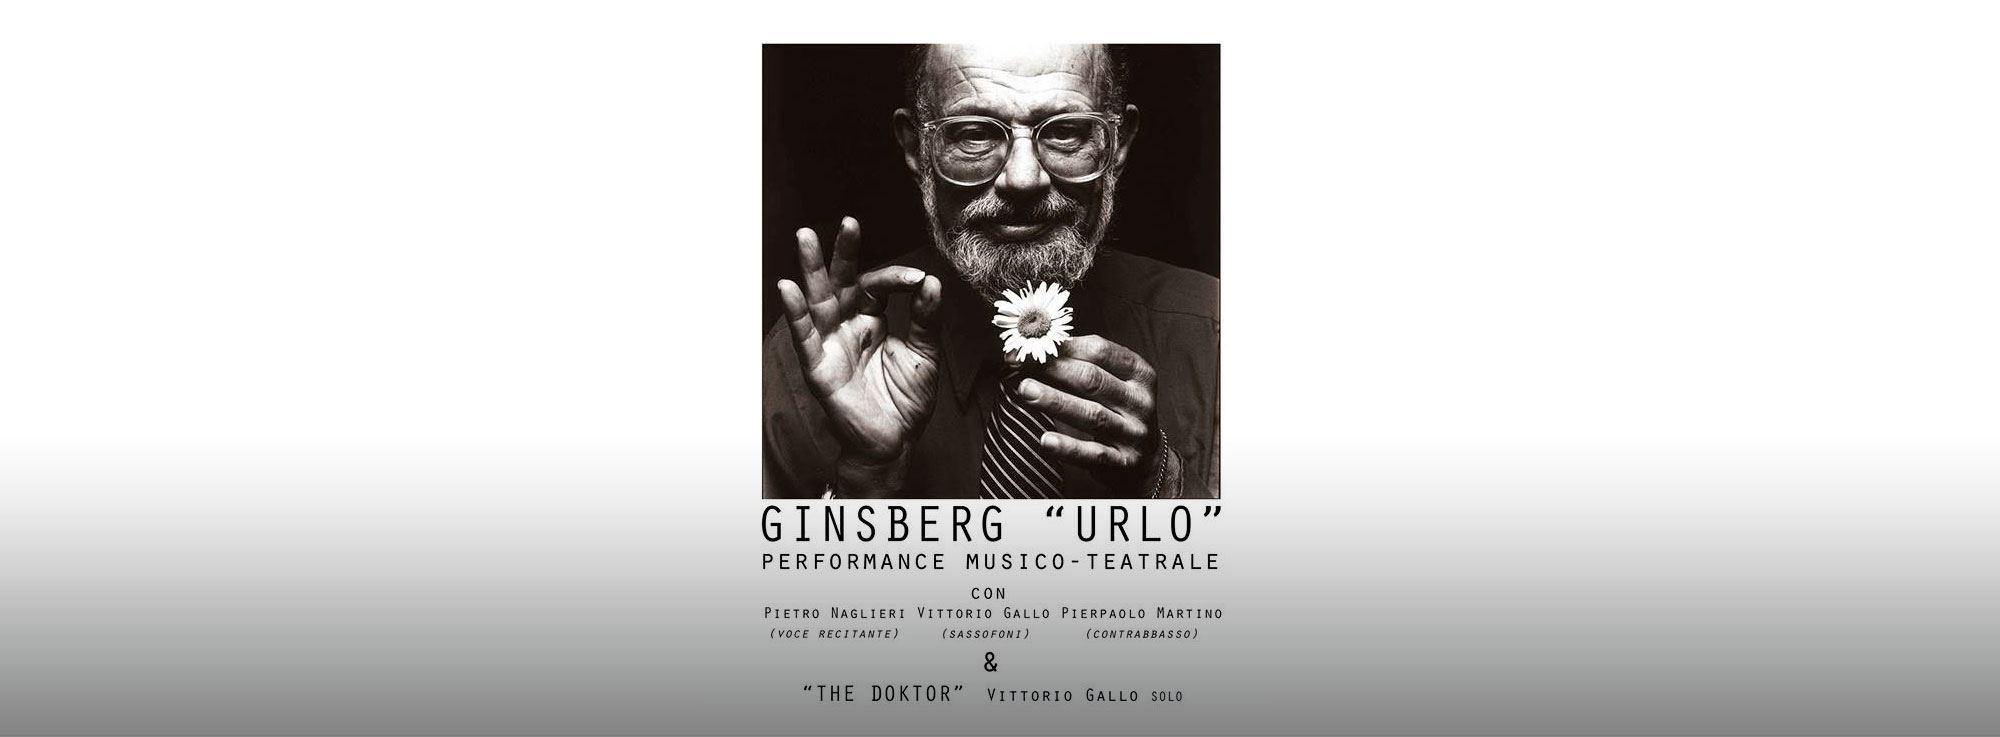 Bari: Ginsberg Urlo